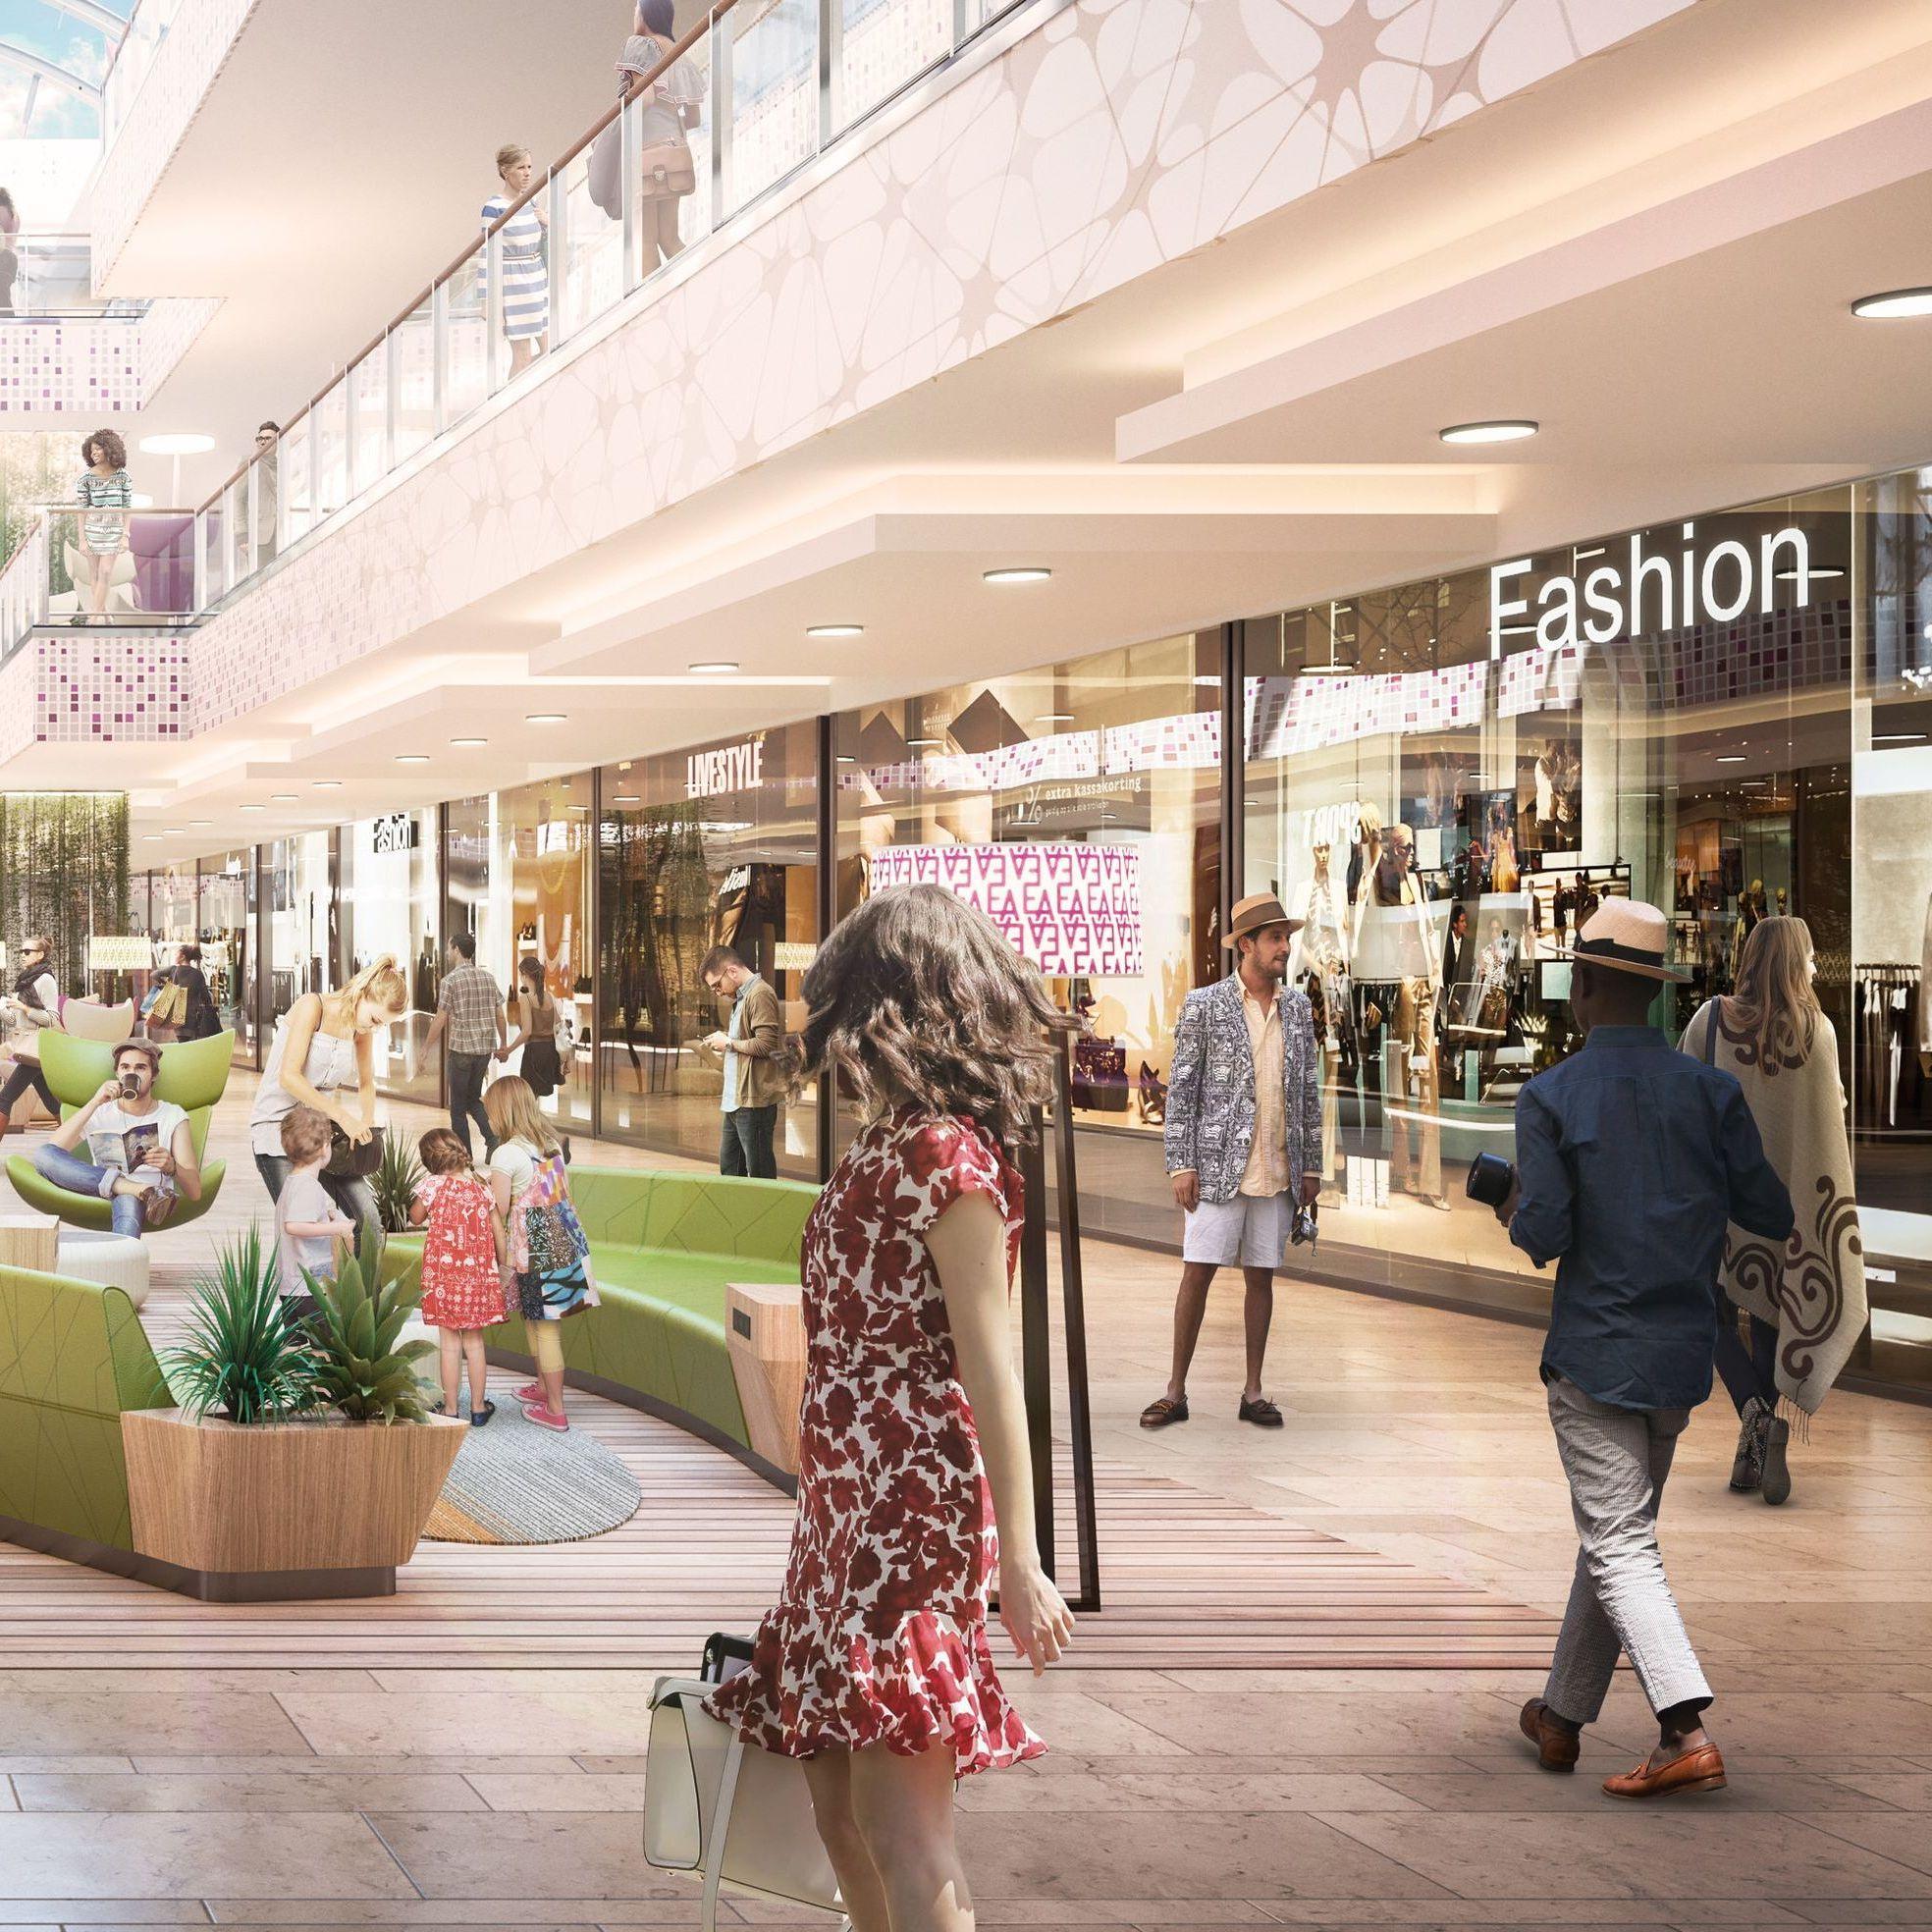 Shopping Center Ece Und Otto Familie Bauen Ernst August Galerie Um